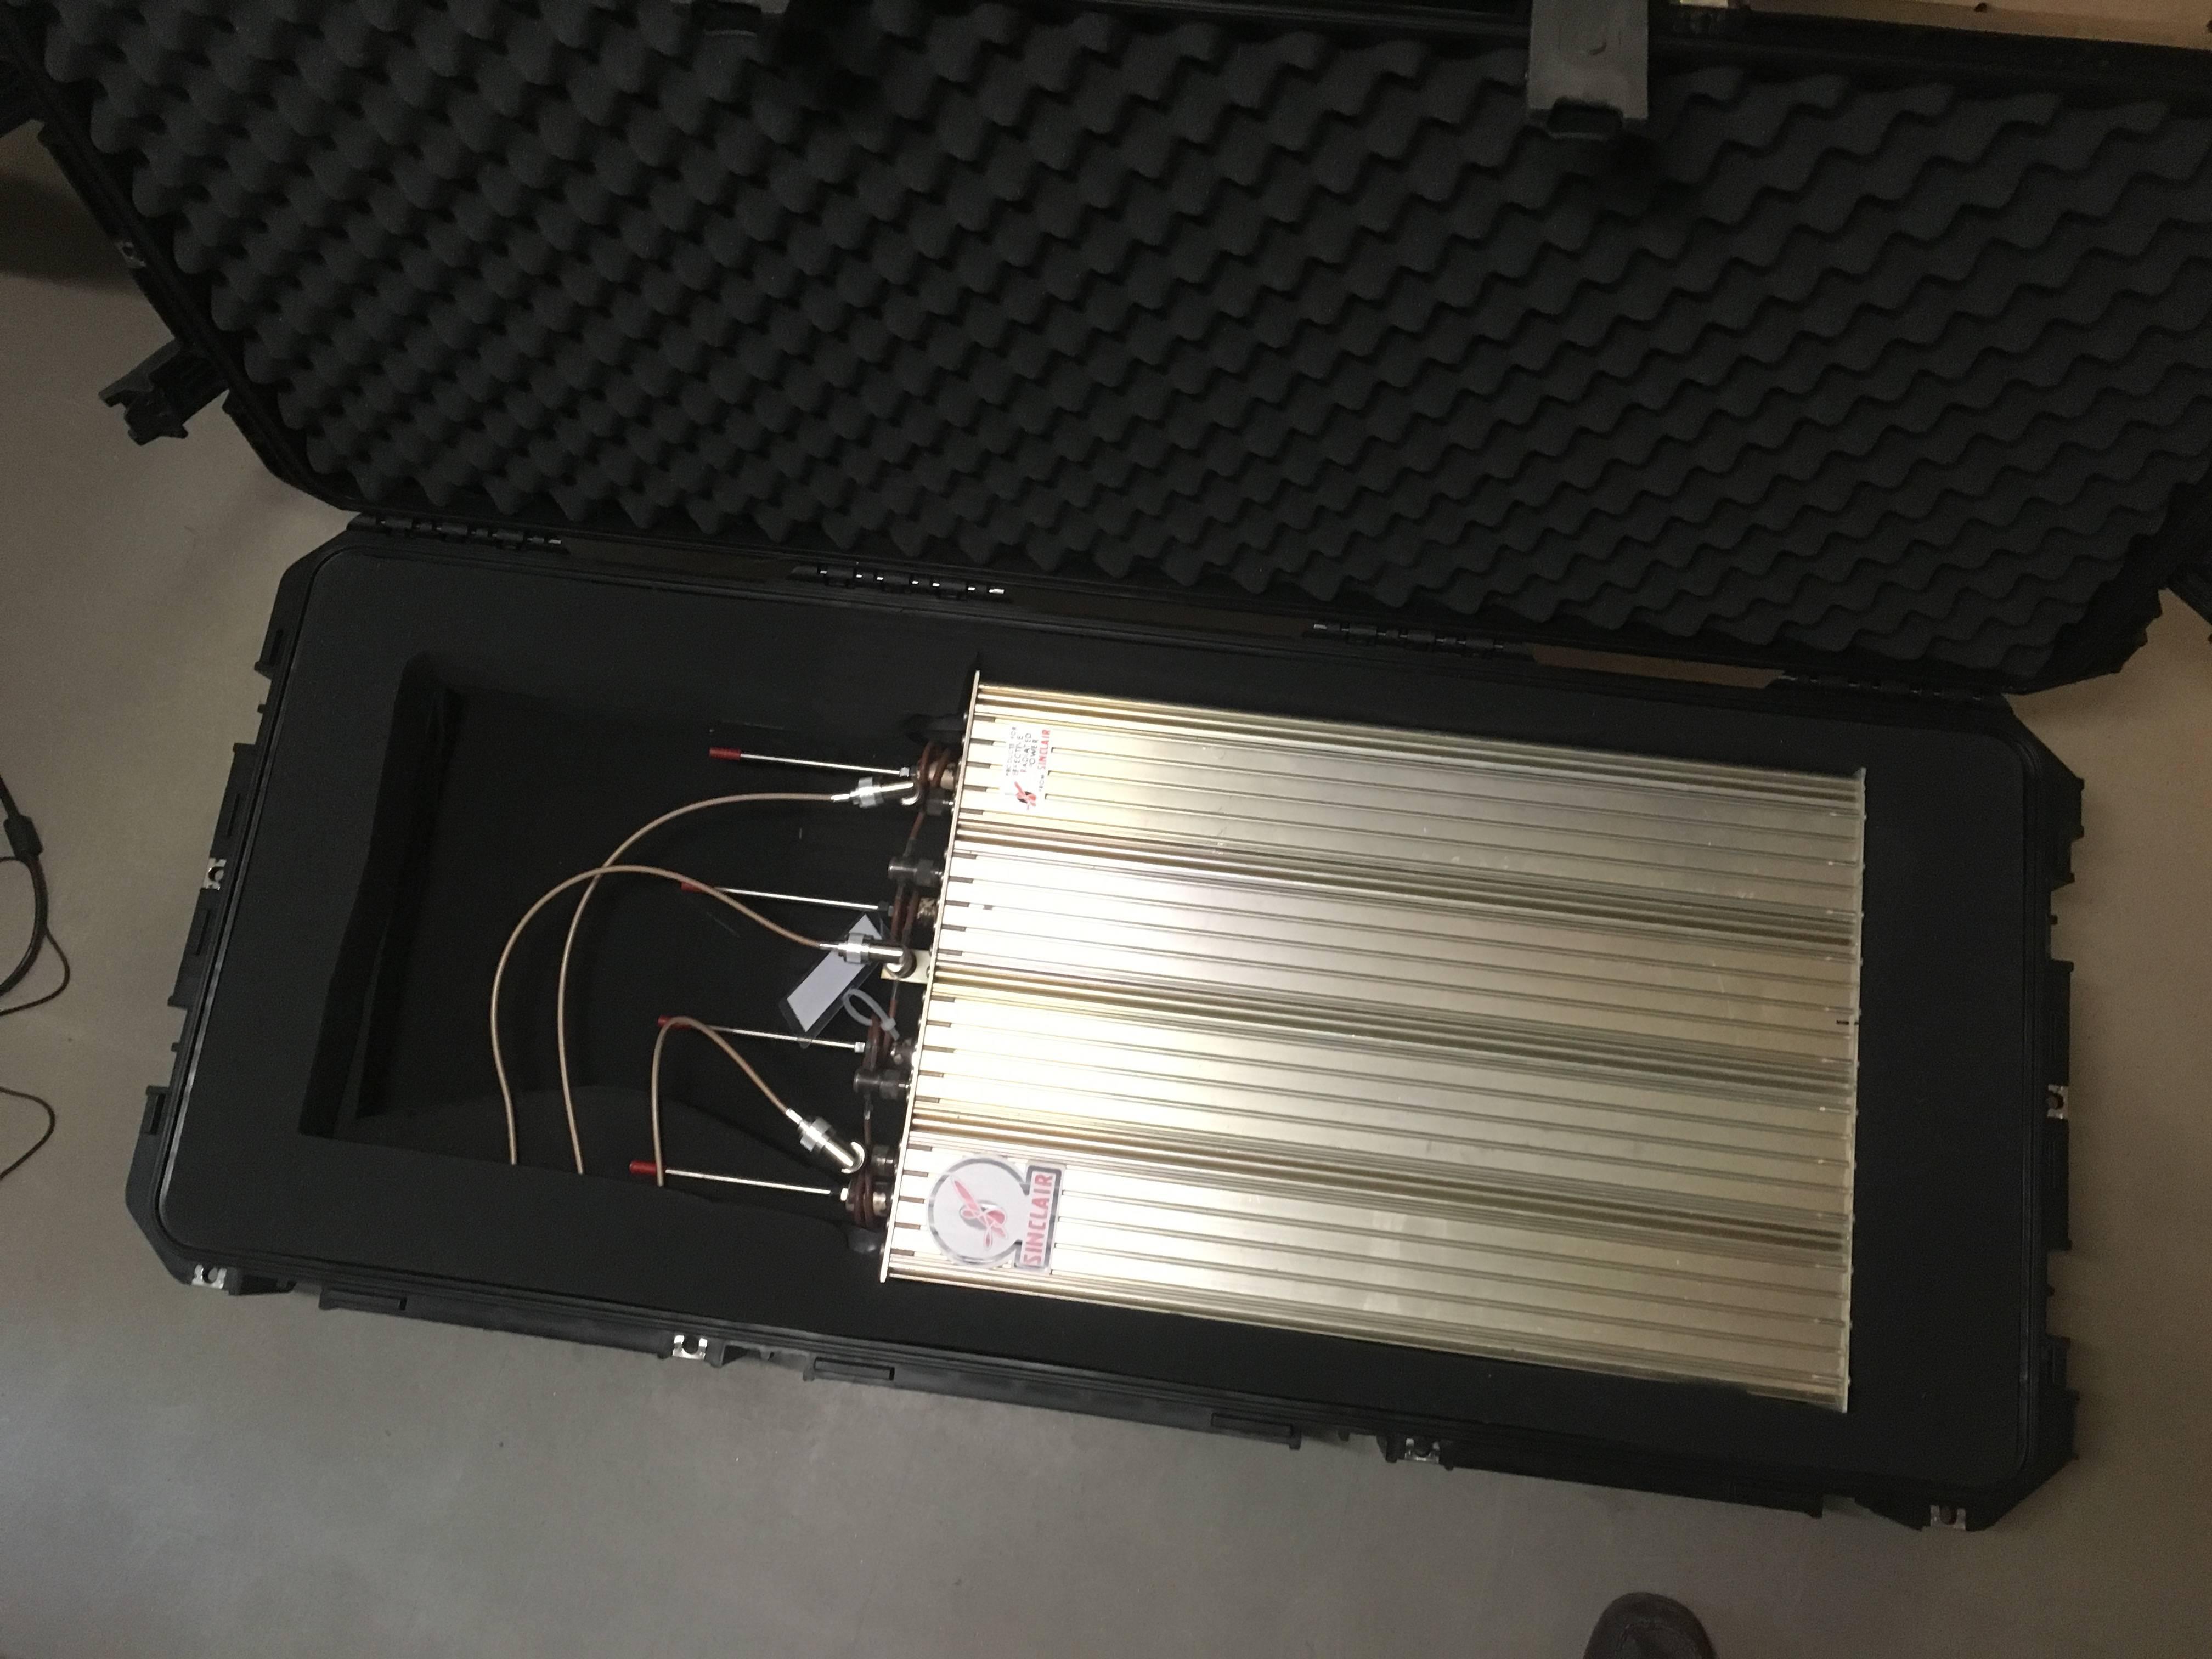 Portable duplexer - case cover open